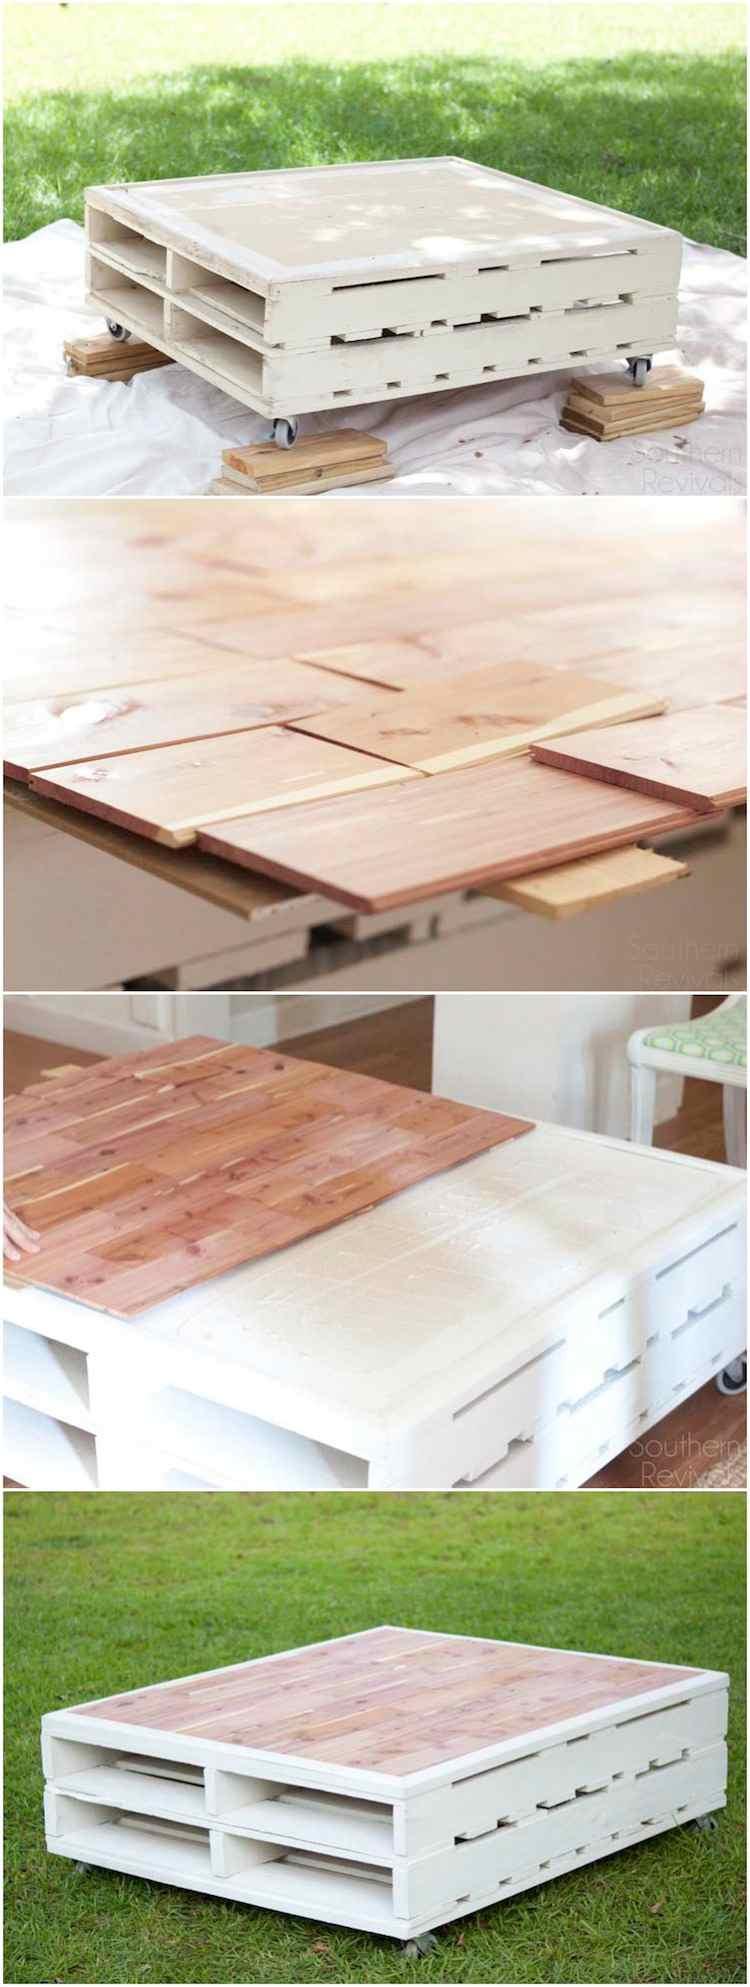 Fabrication salon de jardin palette de bois - Abri de jardin et ...